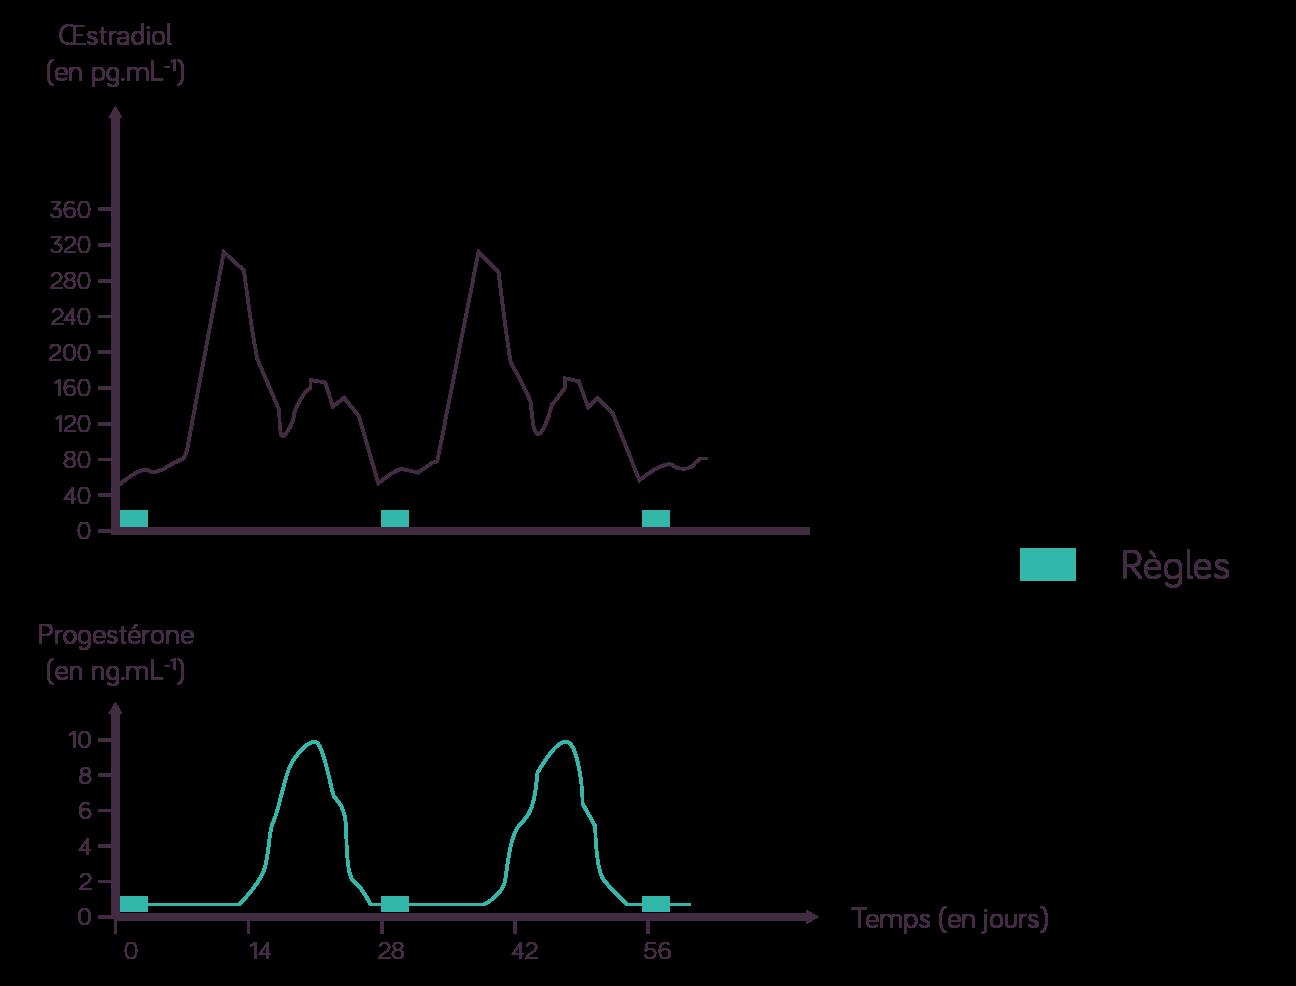 Concentration du sang en deux hormones ovariennes: l'œstradiol ou œstrogène et la progestérone en fonction du cycle sexuel